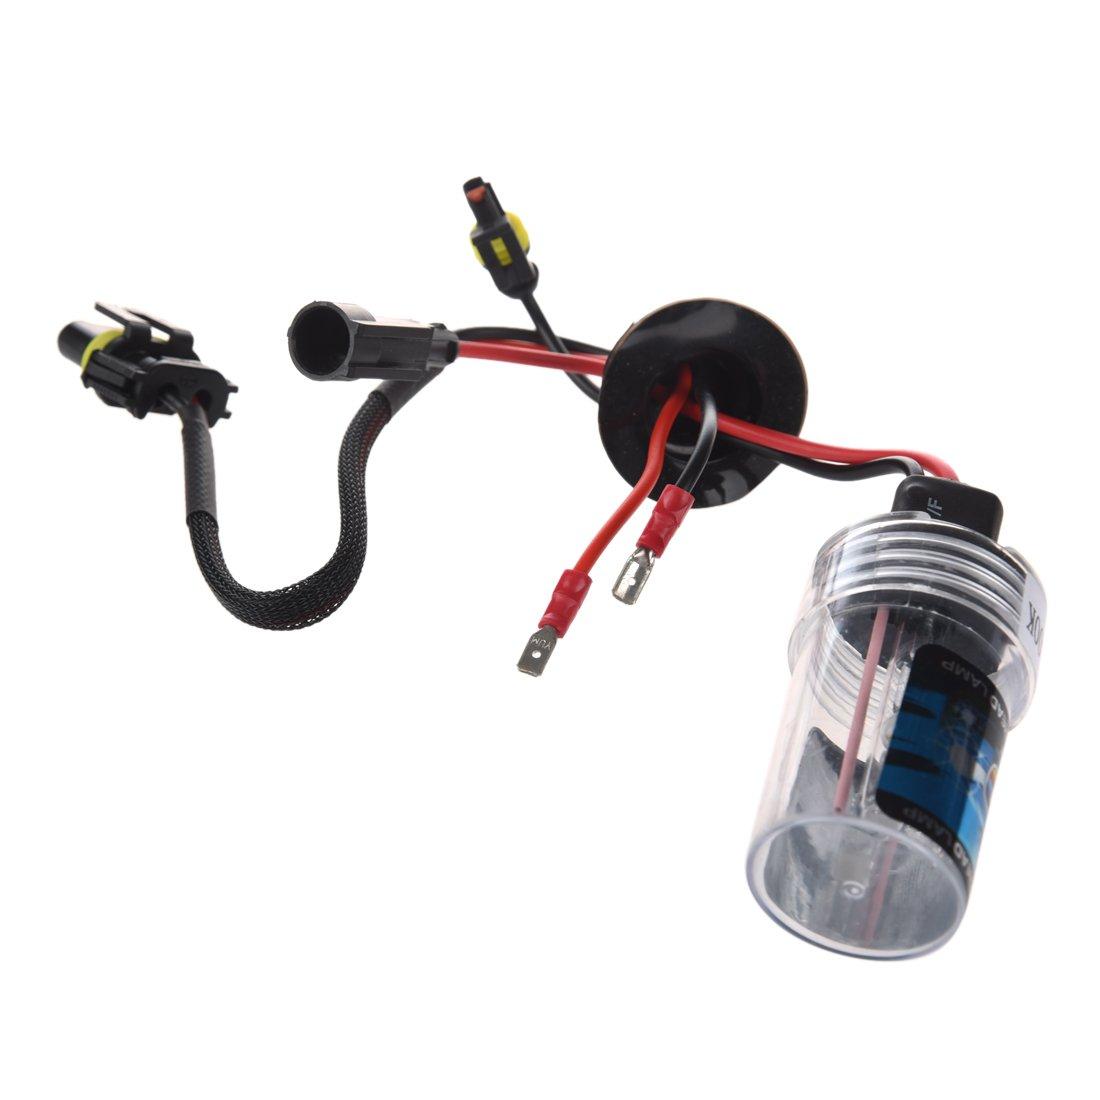 2X Xenon HID Kit Car Auto lampadina del faro della luce della lampadina Per H7 35W DC 12V H7-10000K SODIAL R